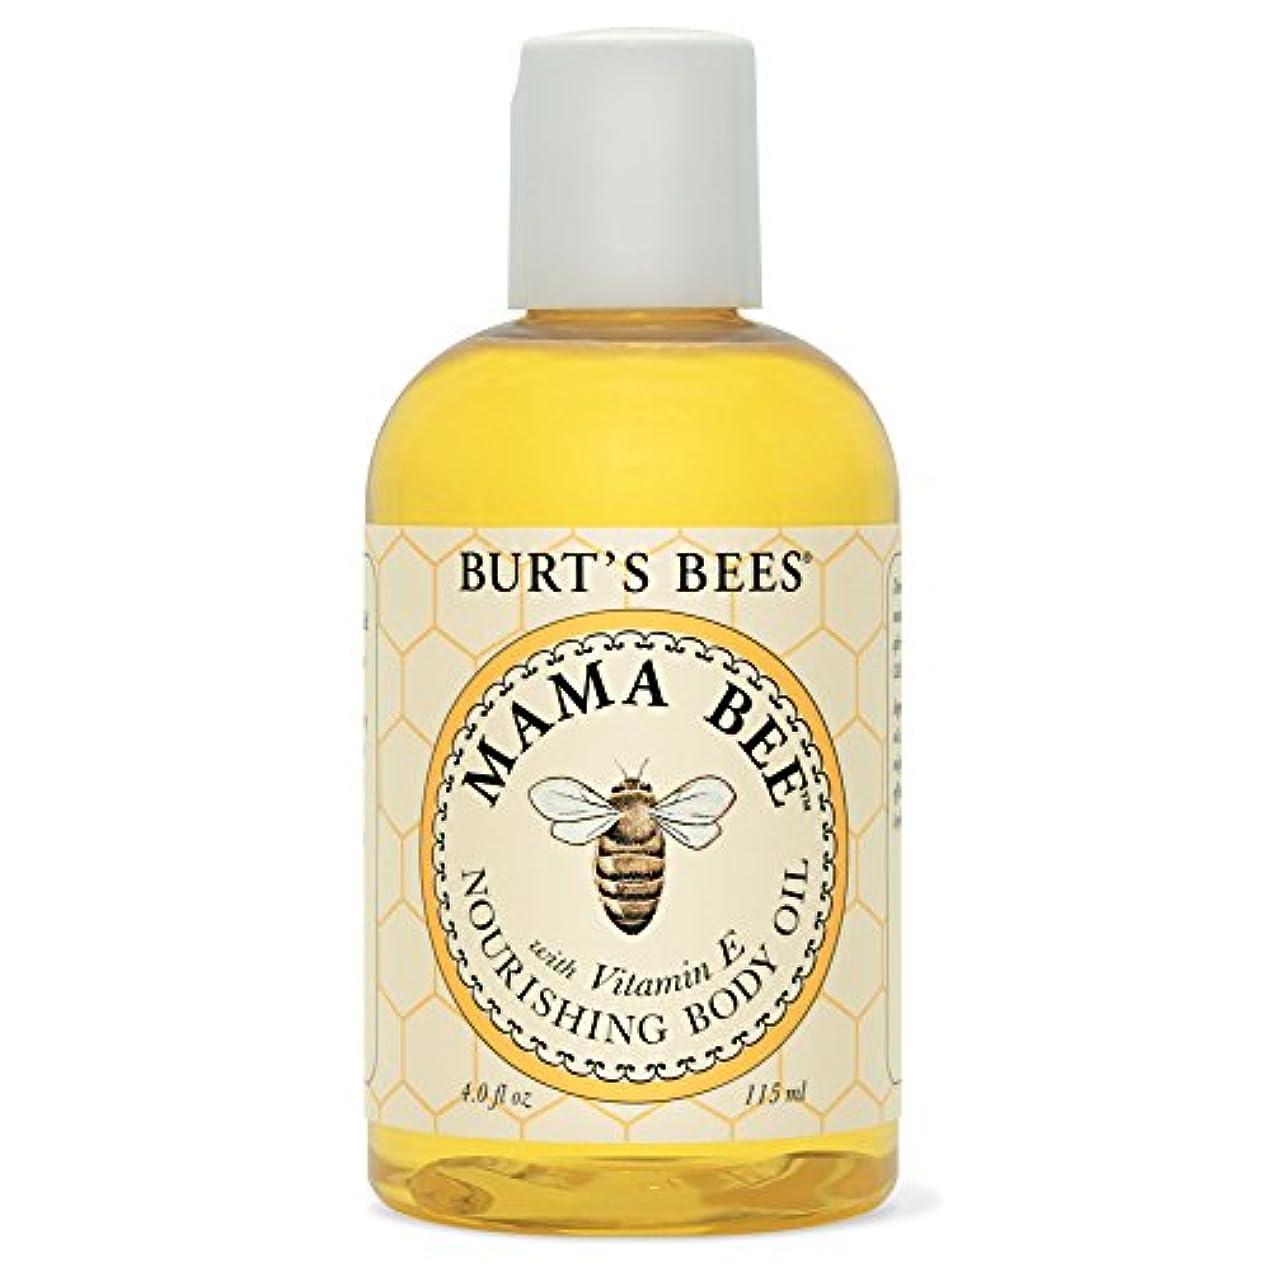 目に見えるシルエット一方、バーツビーママ蜂栄養ボディオイル115ミリリットル (Burt's Bees) - Burt's Bees Mama Bee Nourishing Body Oil 115ml [並行輸入品]